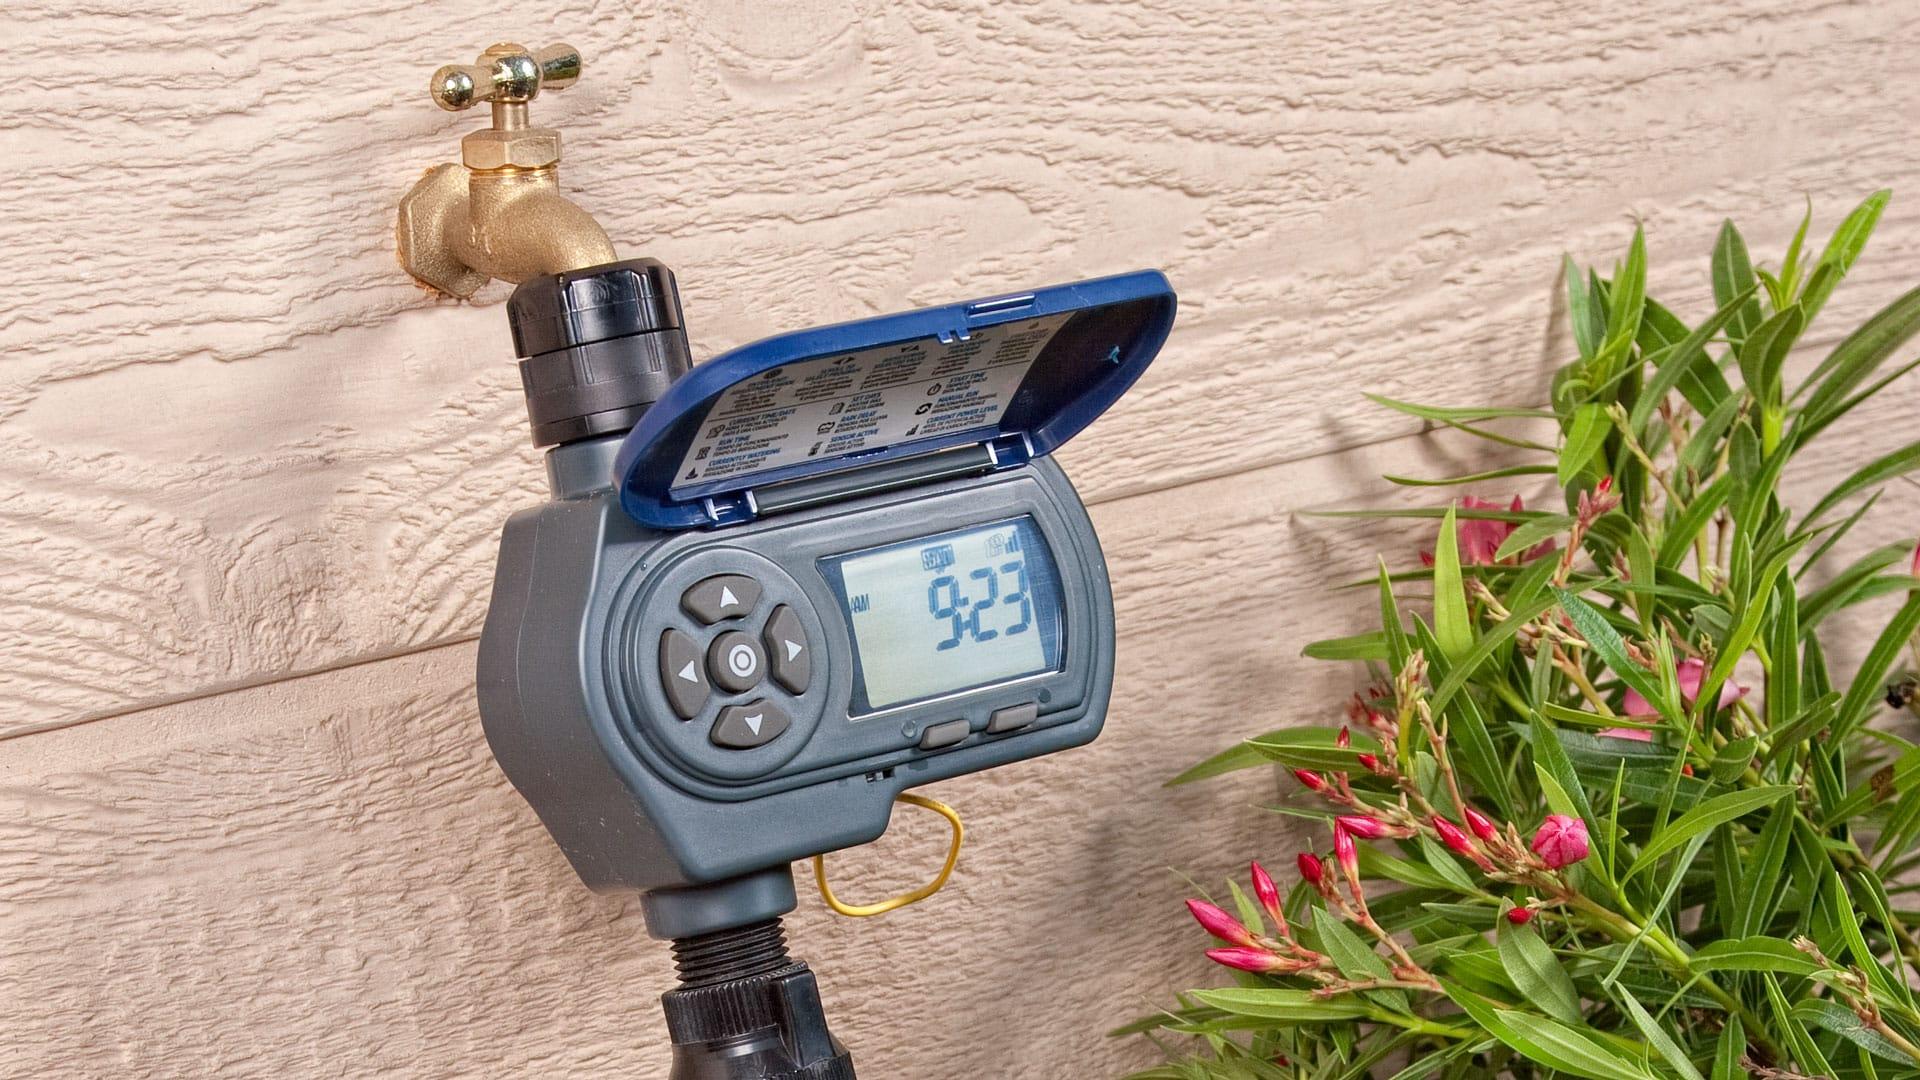 Thiết bị hẹn giờ tưới năng lượng mặt trời DIG Evo100 x 1080